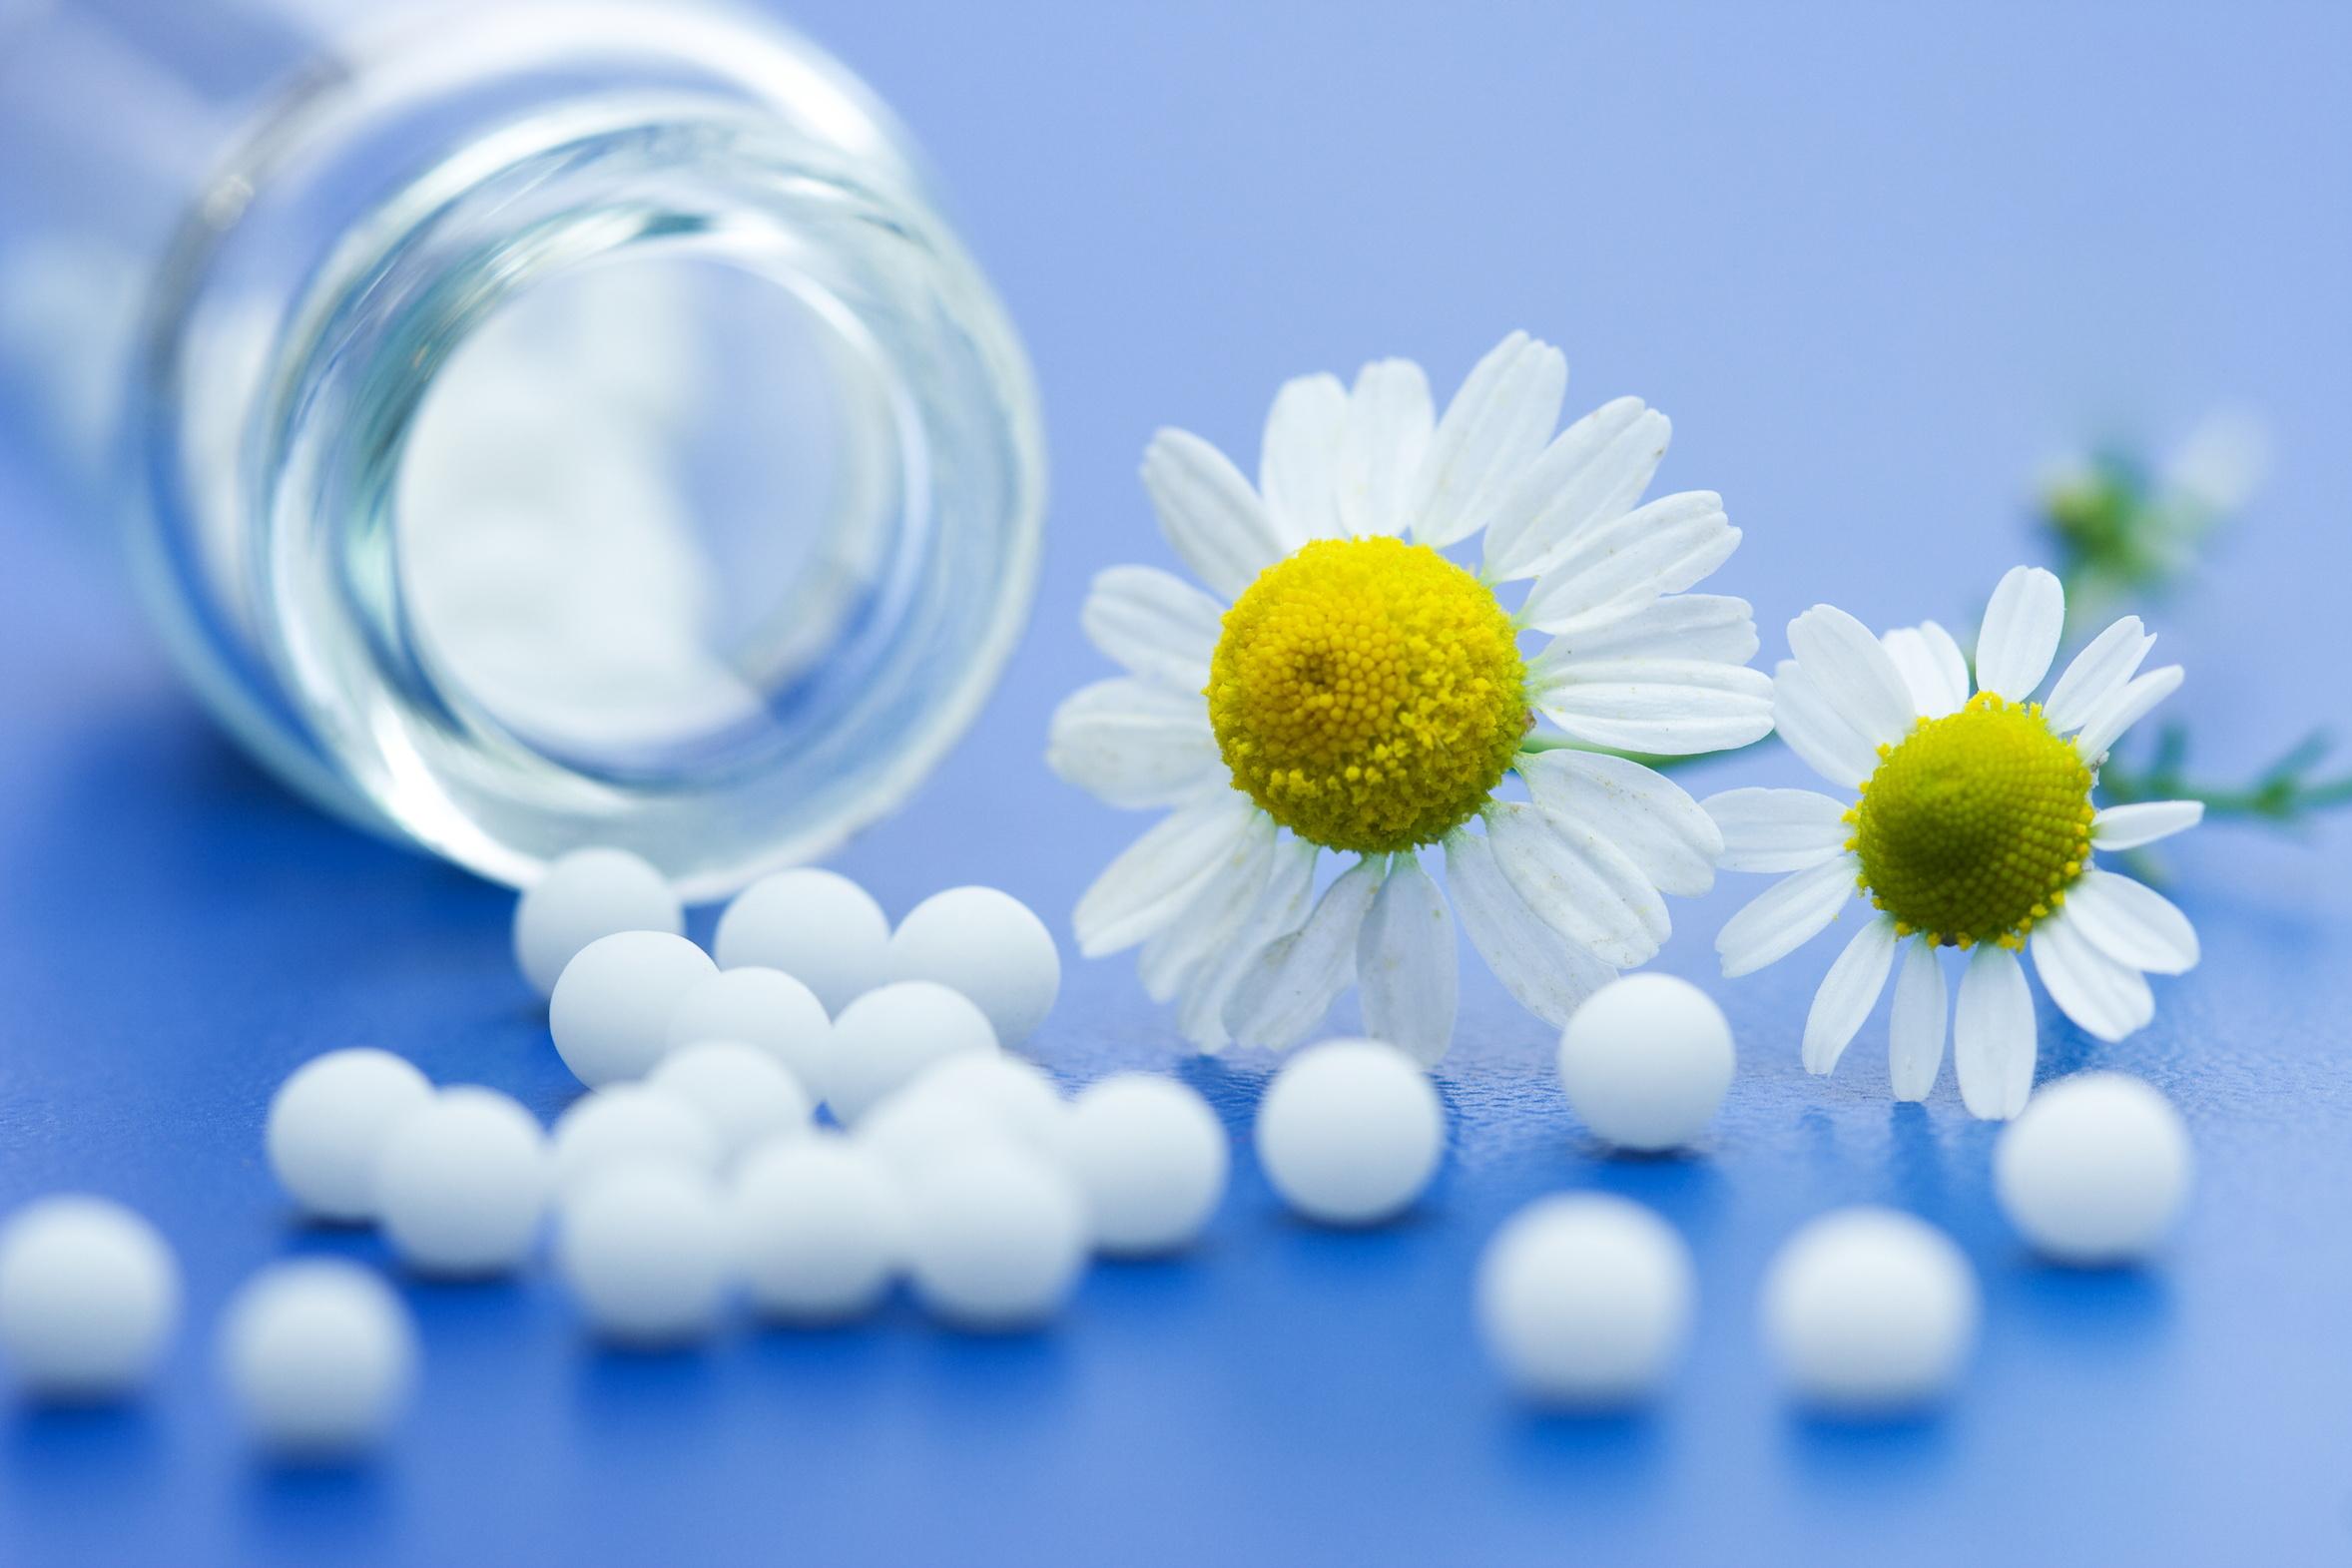 lomeopatia-funziona-utile-quanto-un-placebo-secondo-uno-studio.jpg